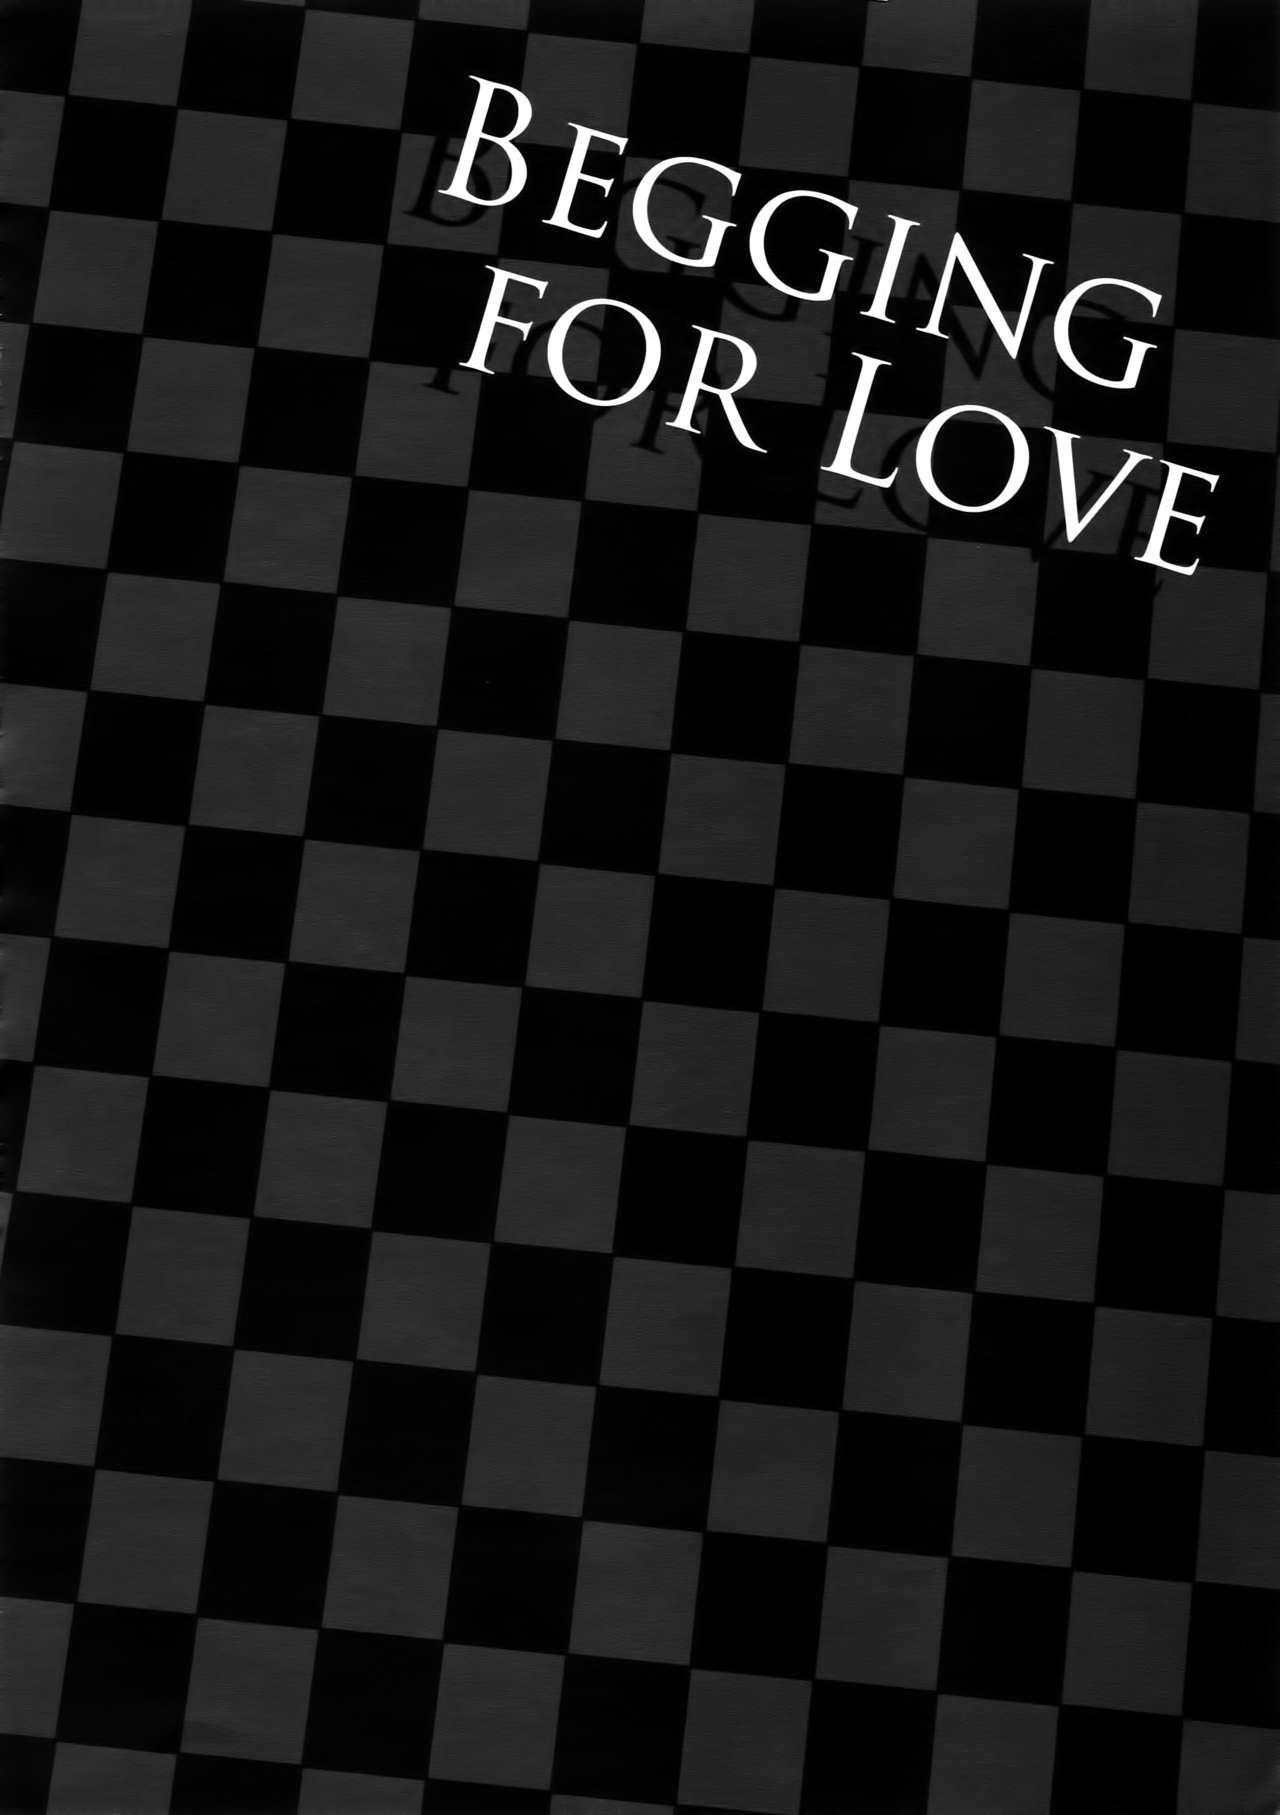 BEGGING FOR LOVE 2